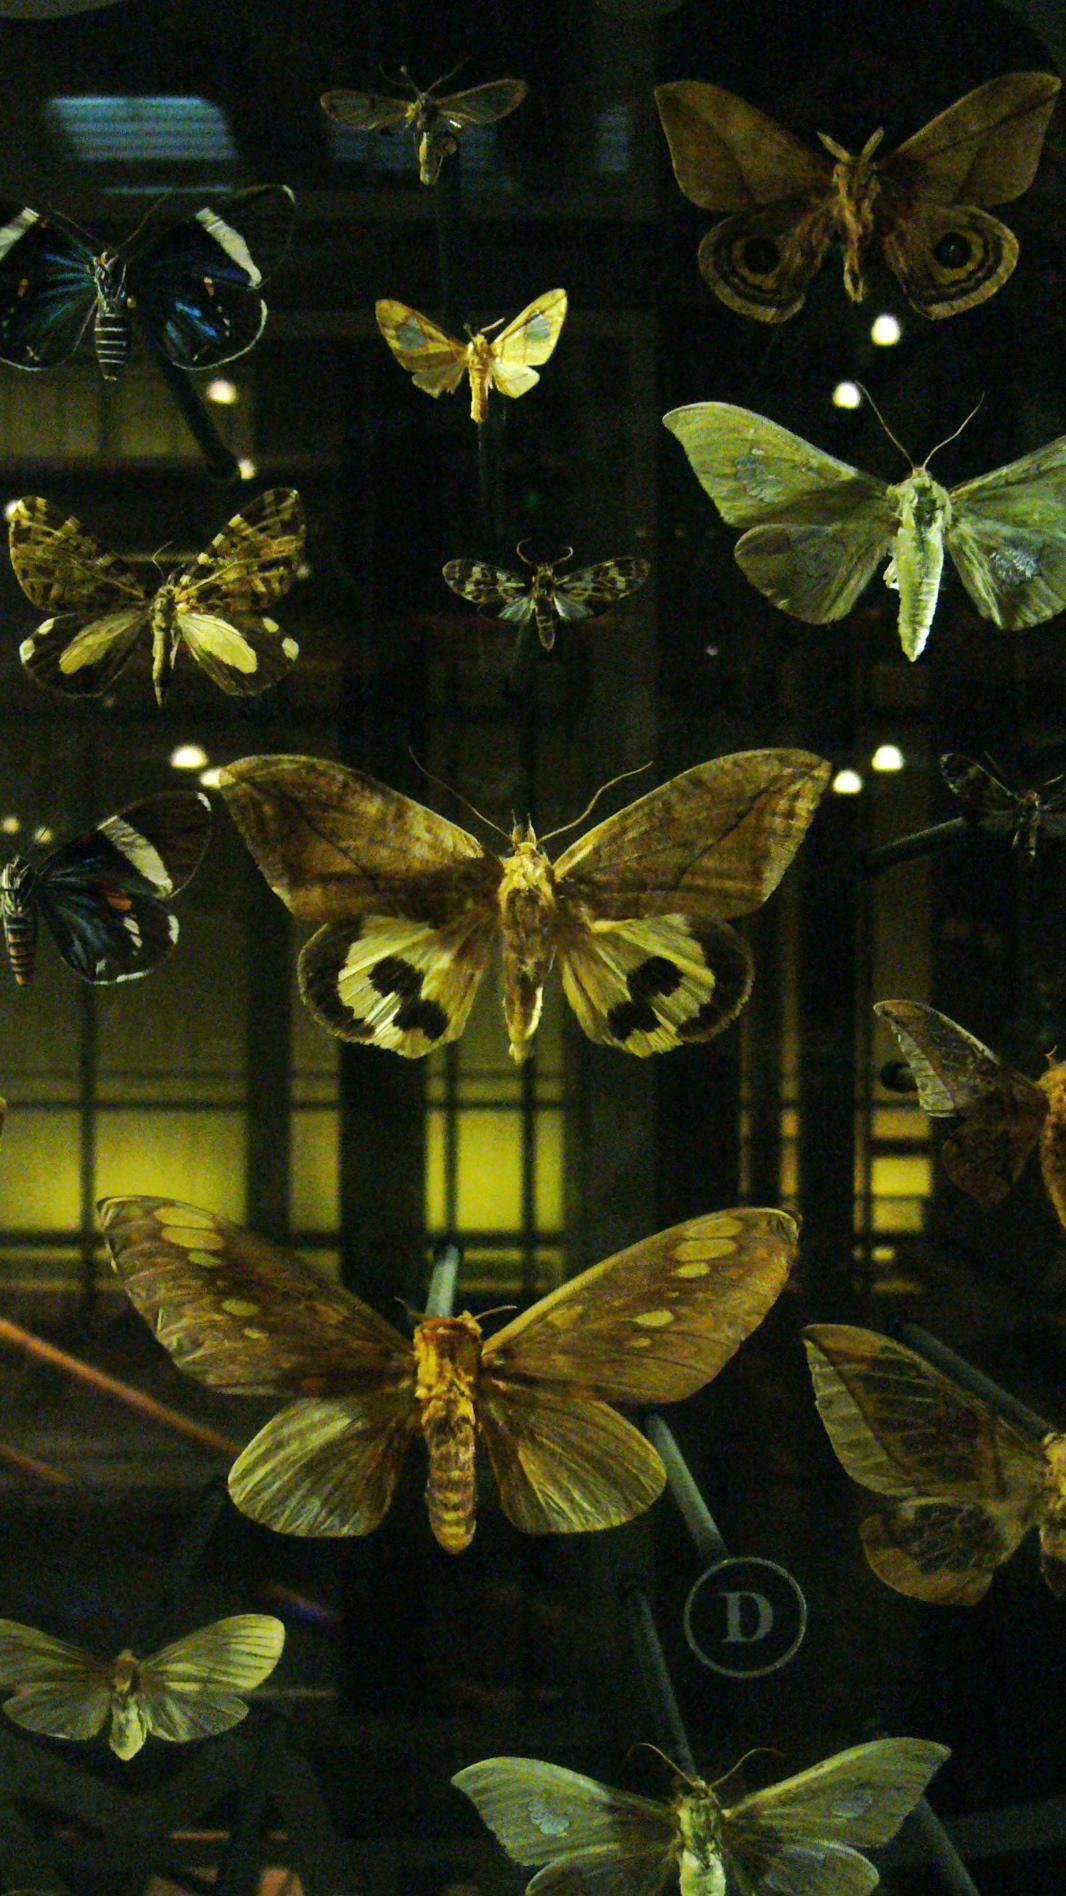 Muséum national d'histoire Naturelle - Galerie d'entomologie